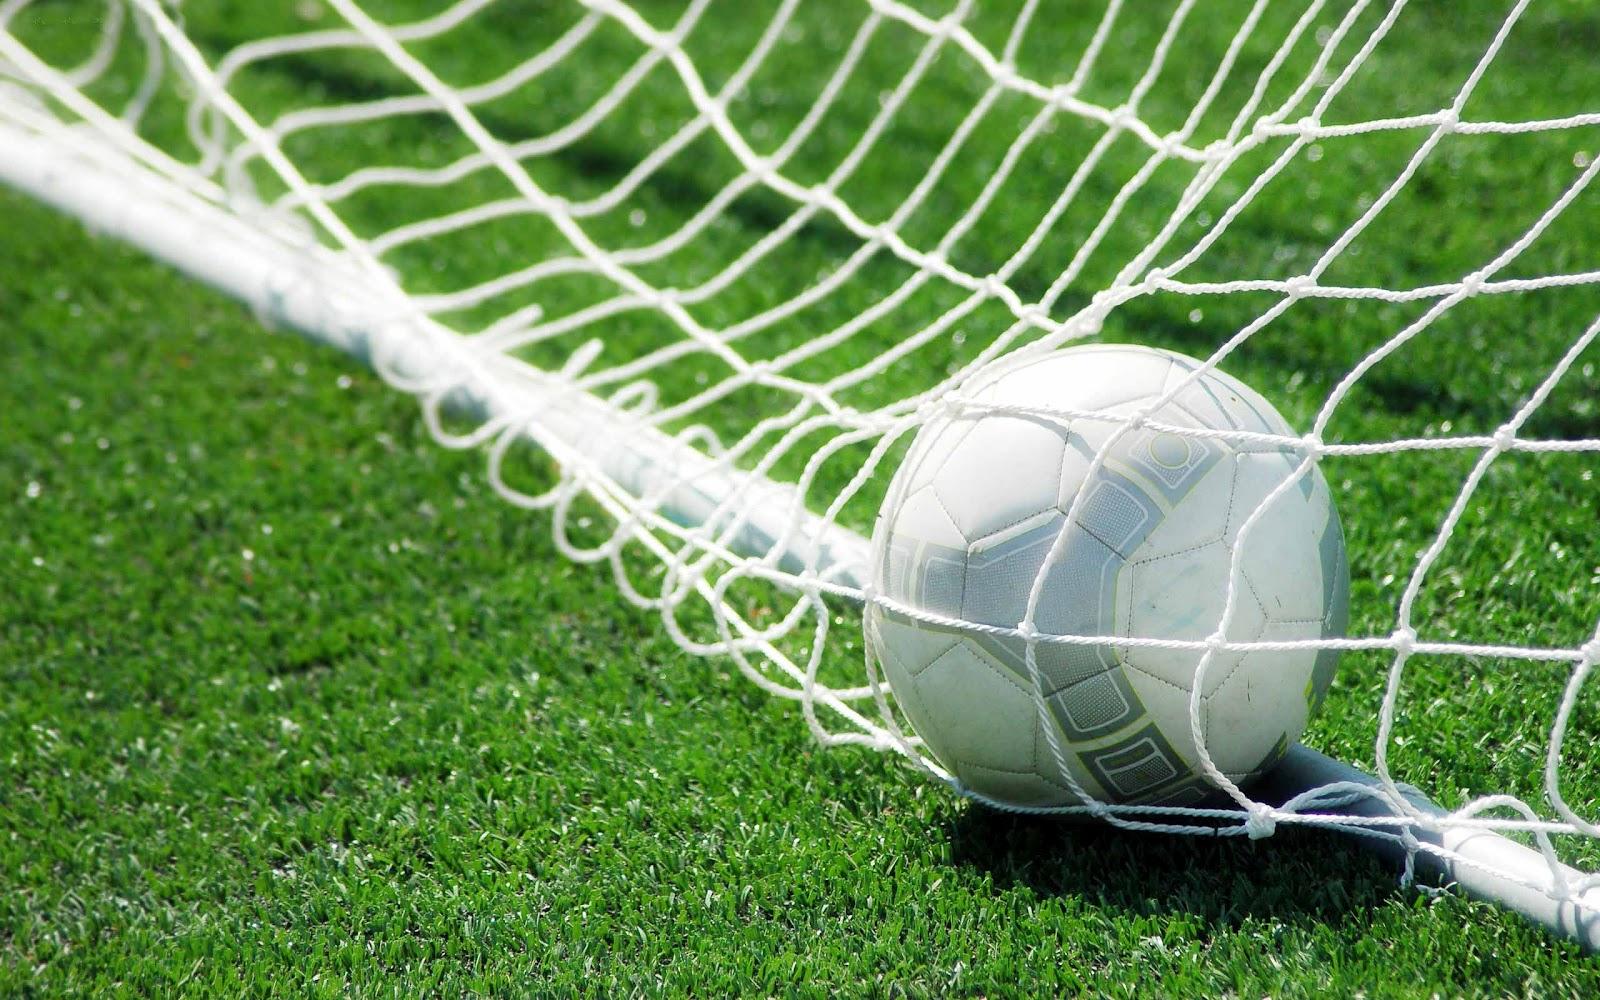 UPDATE: Teamindelingen jeugd 2021-2022